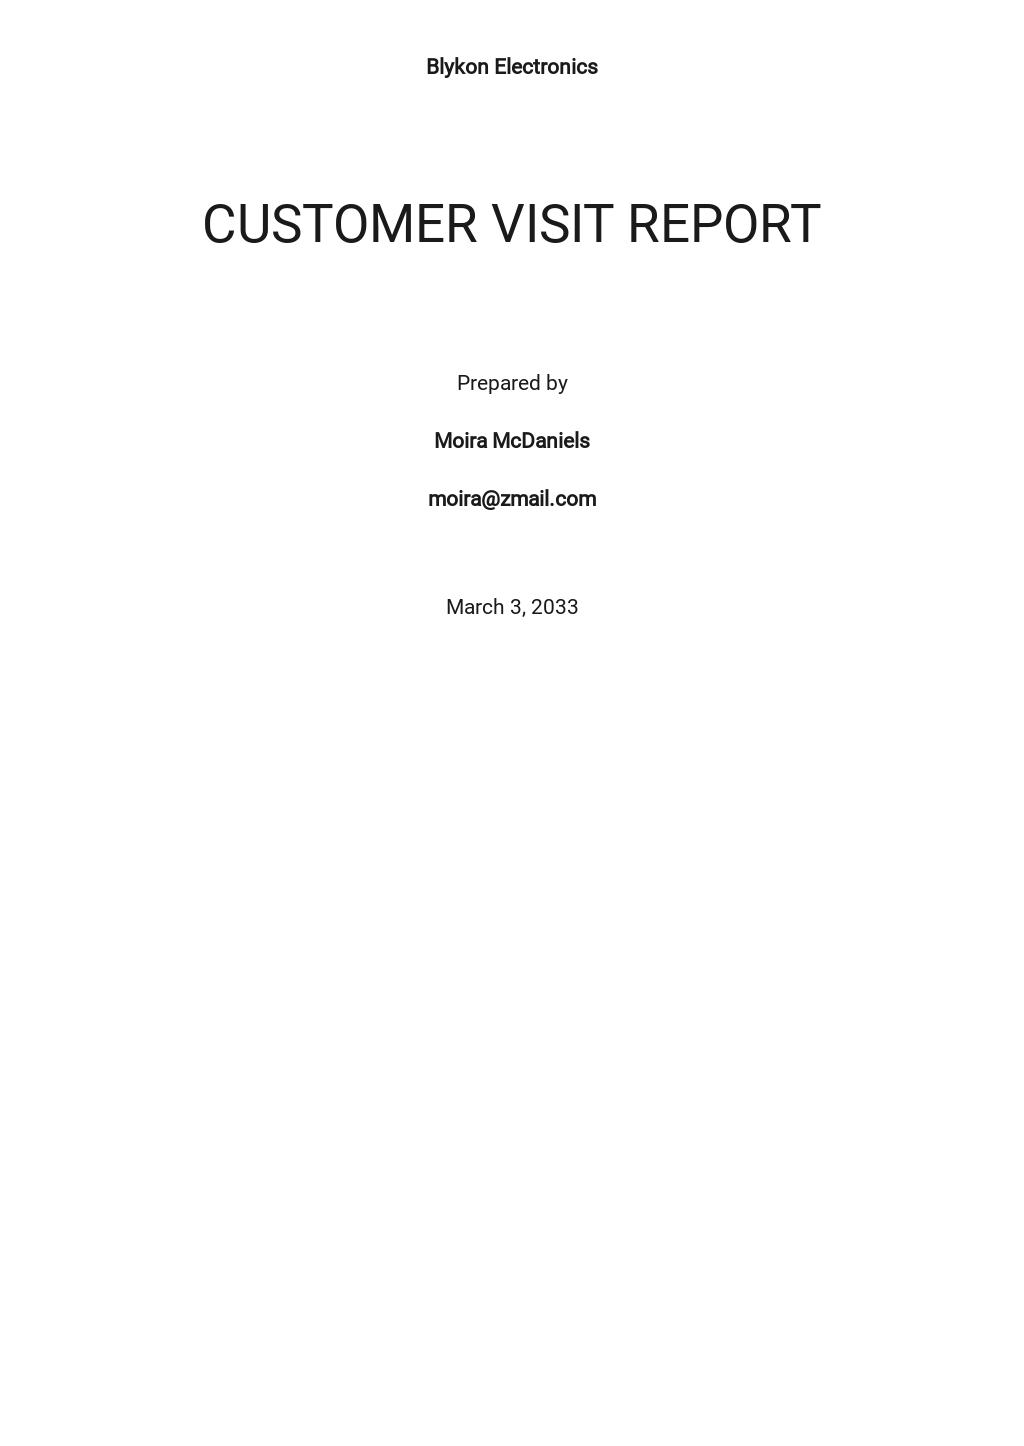 Free Customer Visit Report Template.jpe